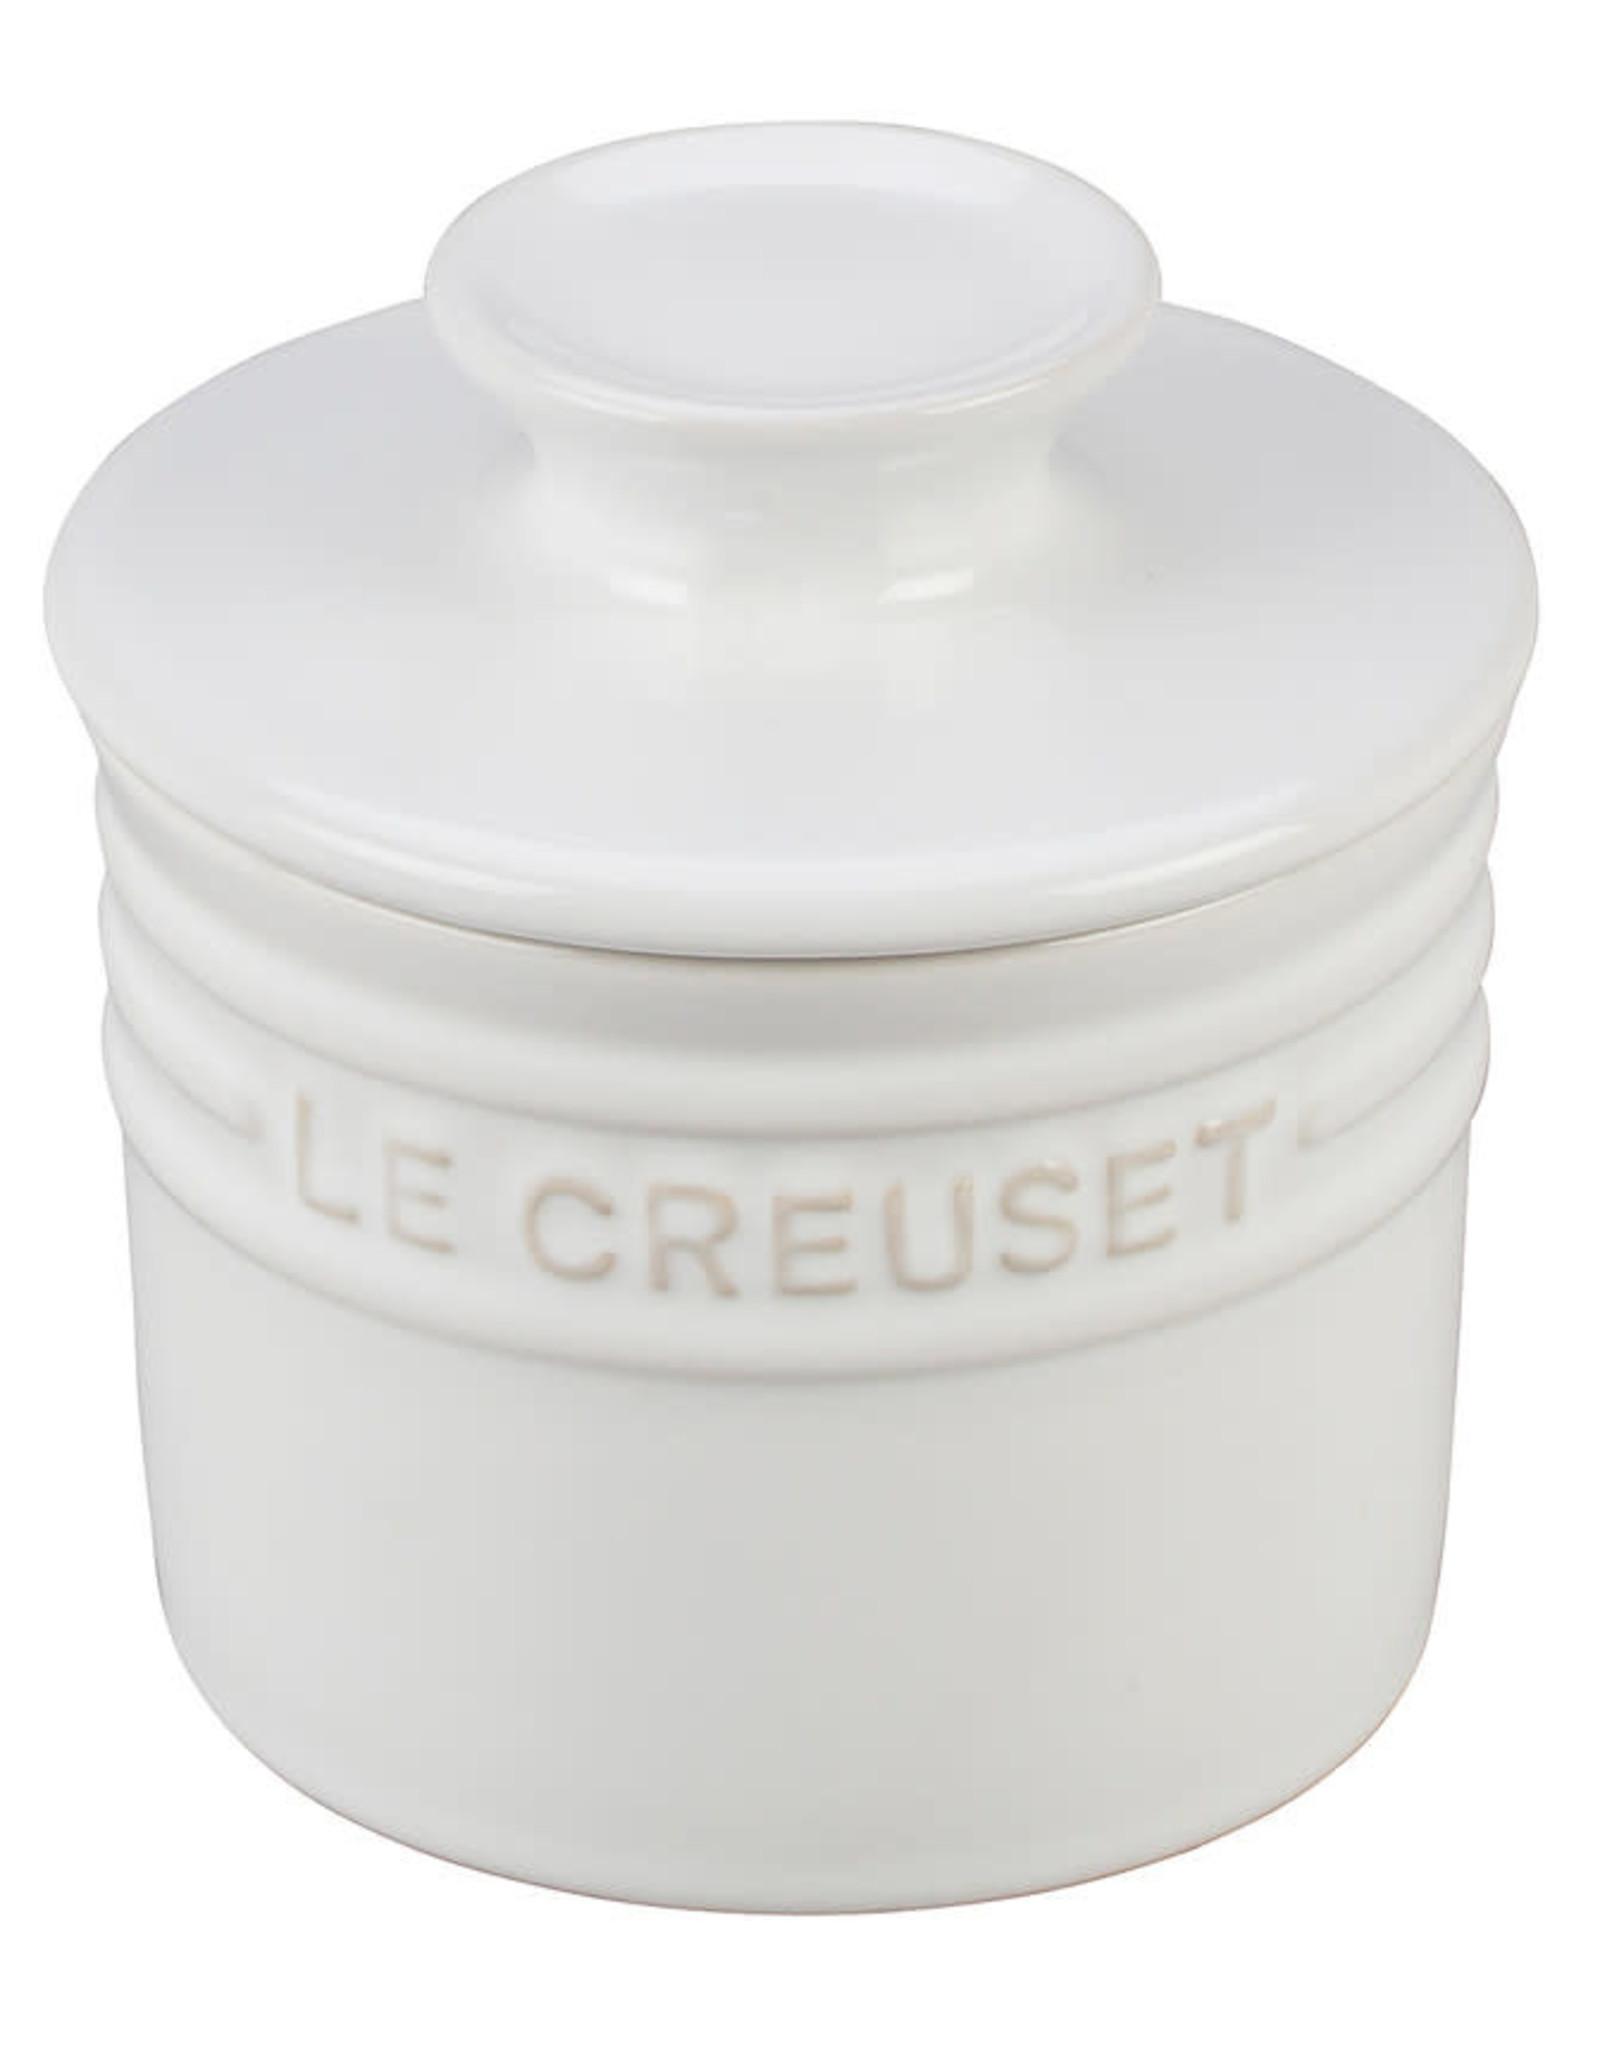 Le Creuset Le Creuset Heritage Butter Crock White